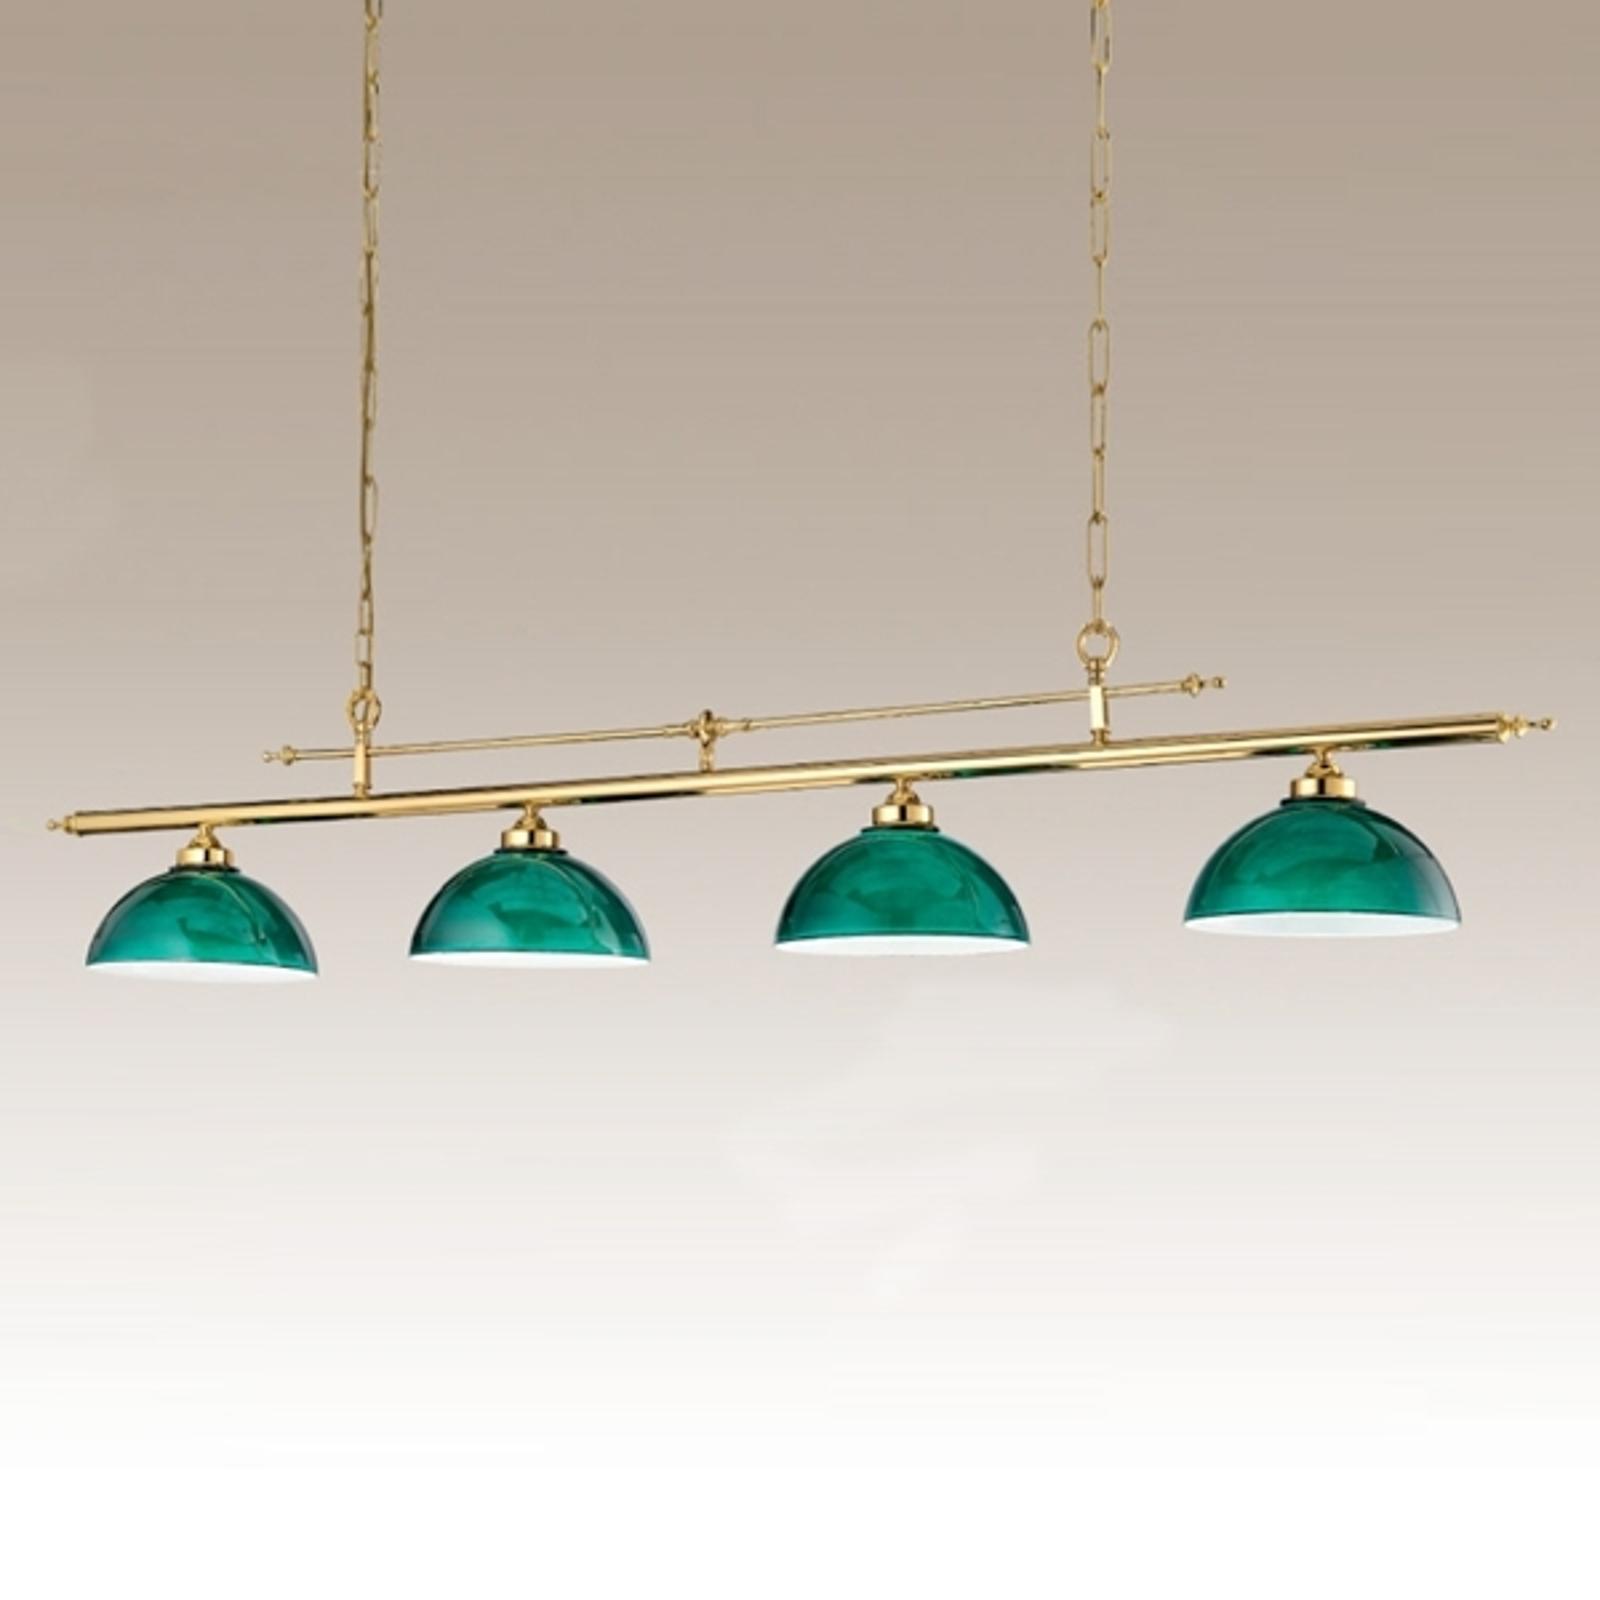 Suspension à 4 lampes Biliardo